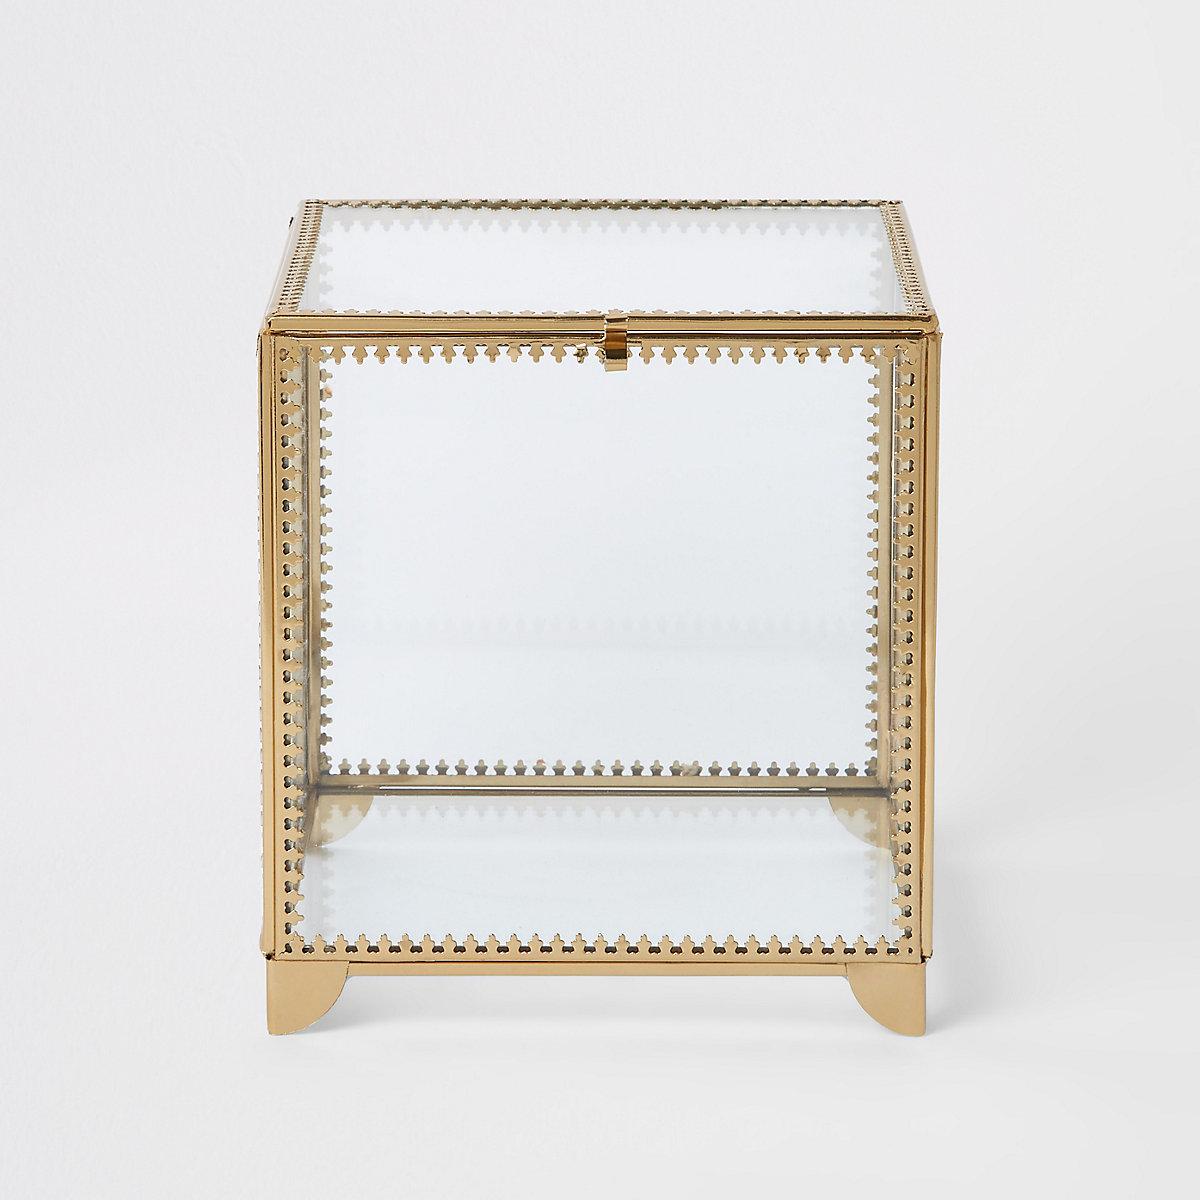 Grande boîte en verre avec bordure en métal